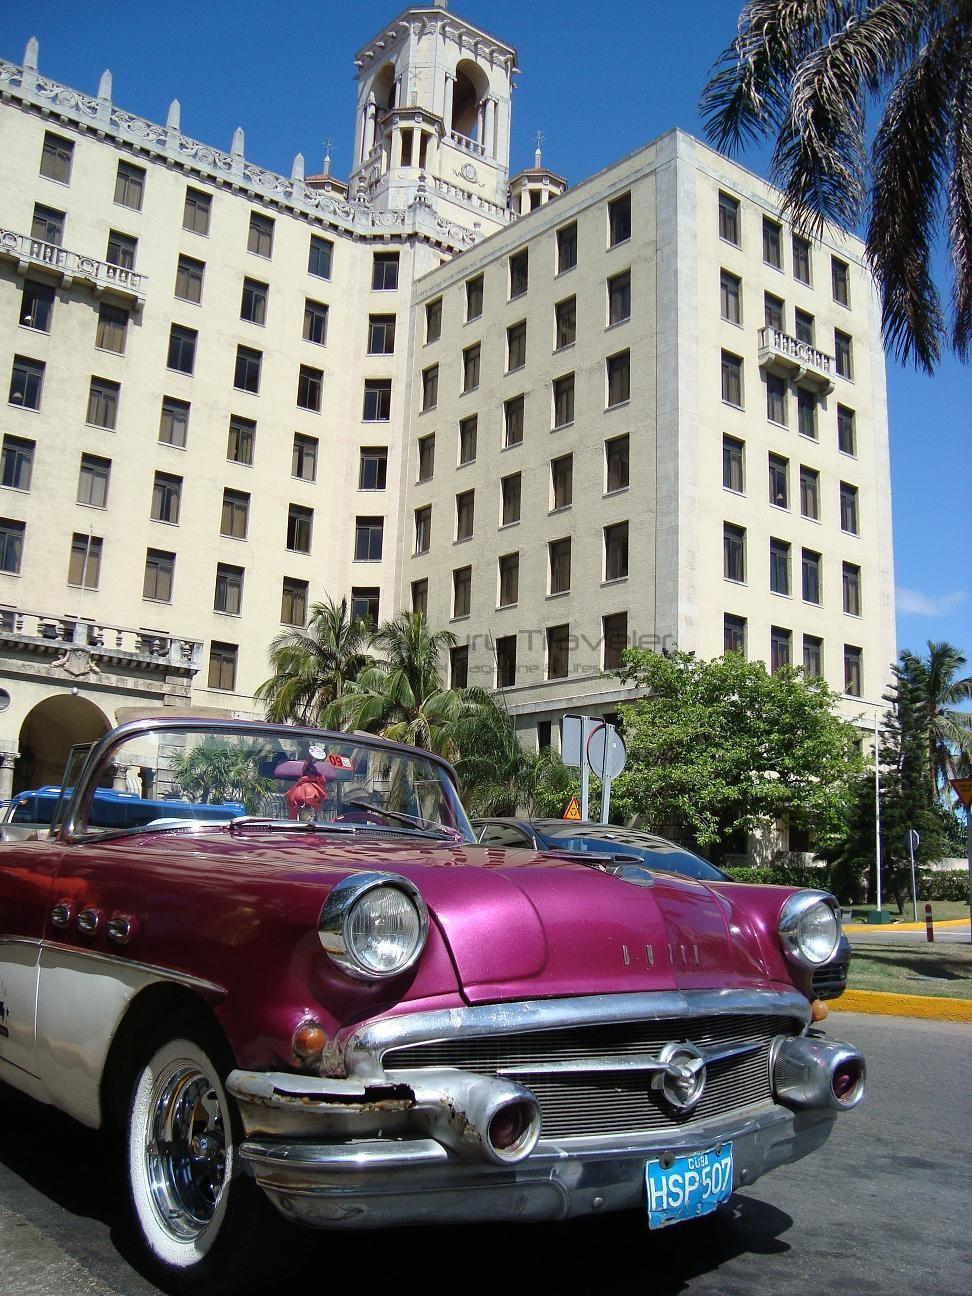 Hotel_Nacional_de_Cuba_Cars